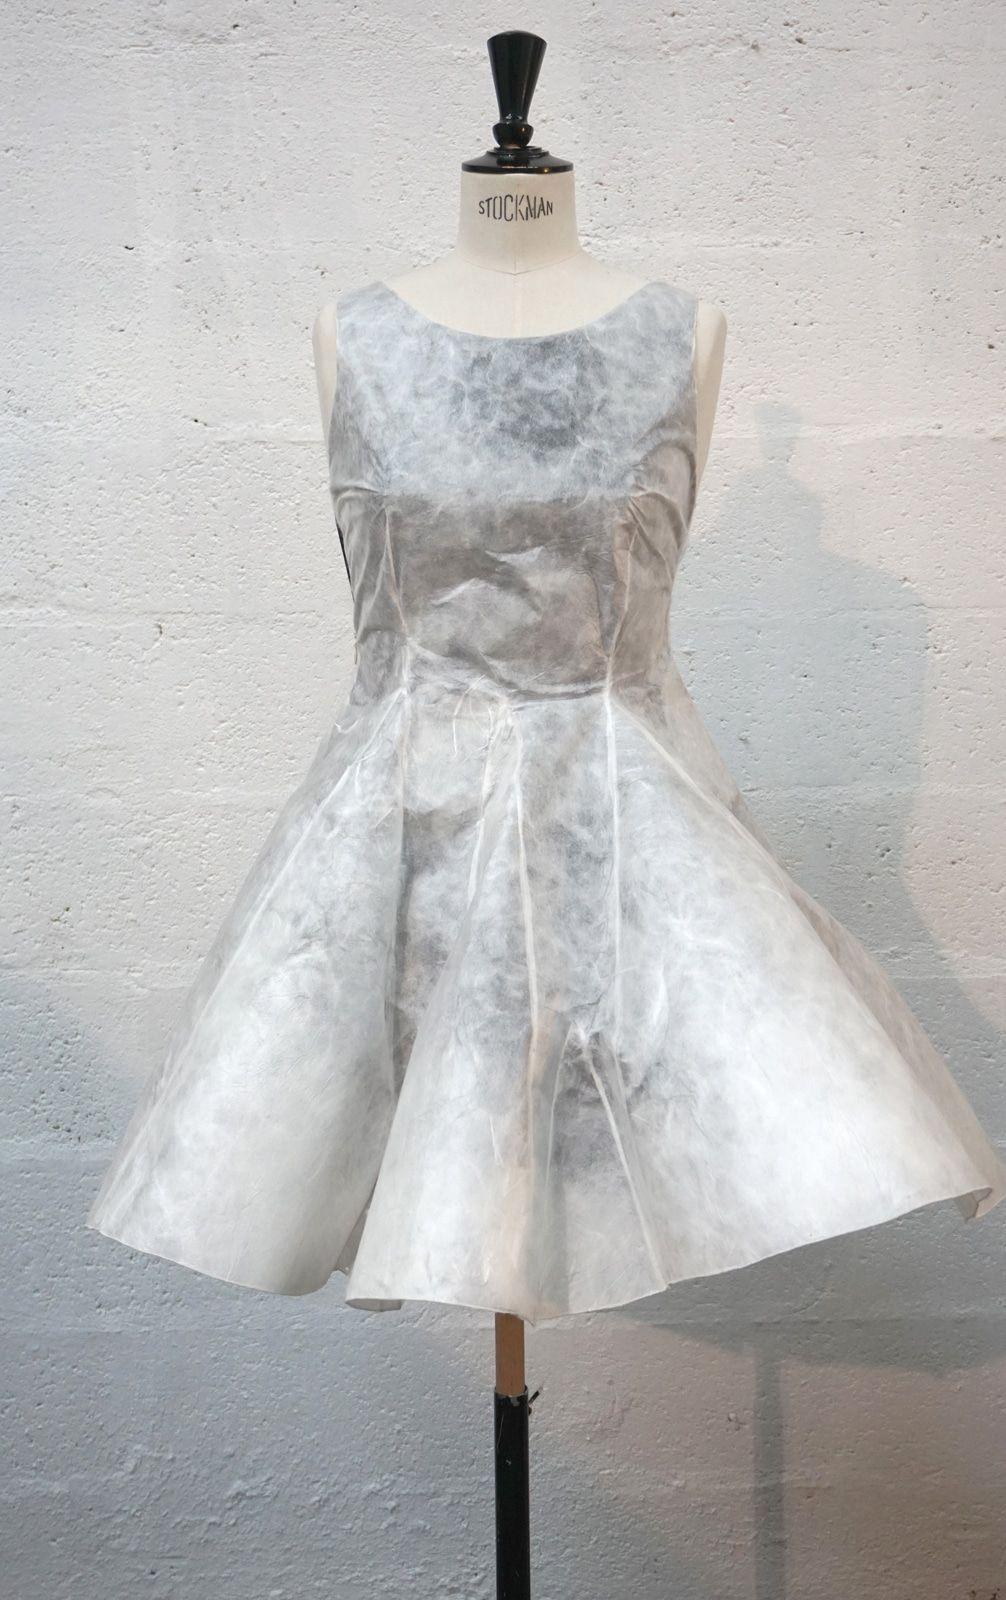 Robe en soie non tissee – Matiere Sericyne et doublure ponge de soie noir – Modele sur-mesure toile protoype et final – Collaboration Sericyne – 1